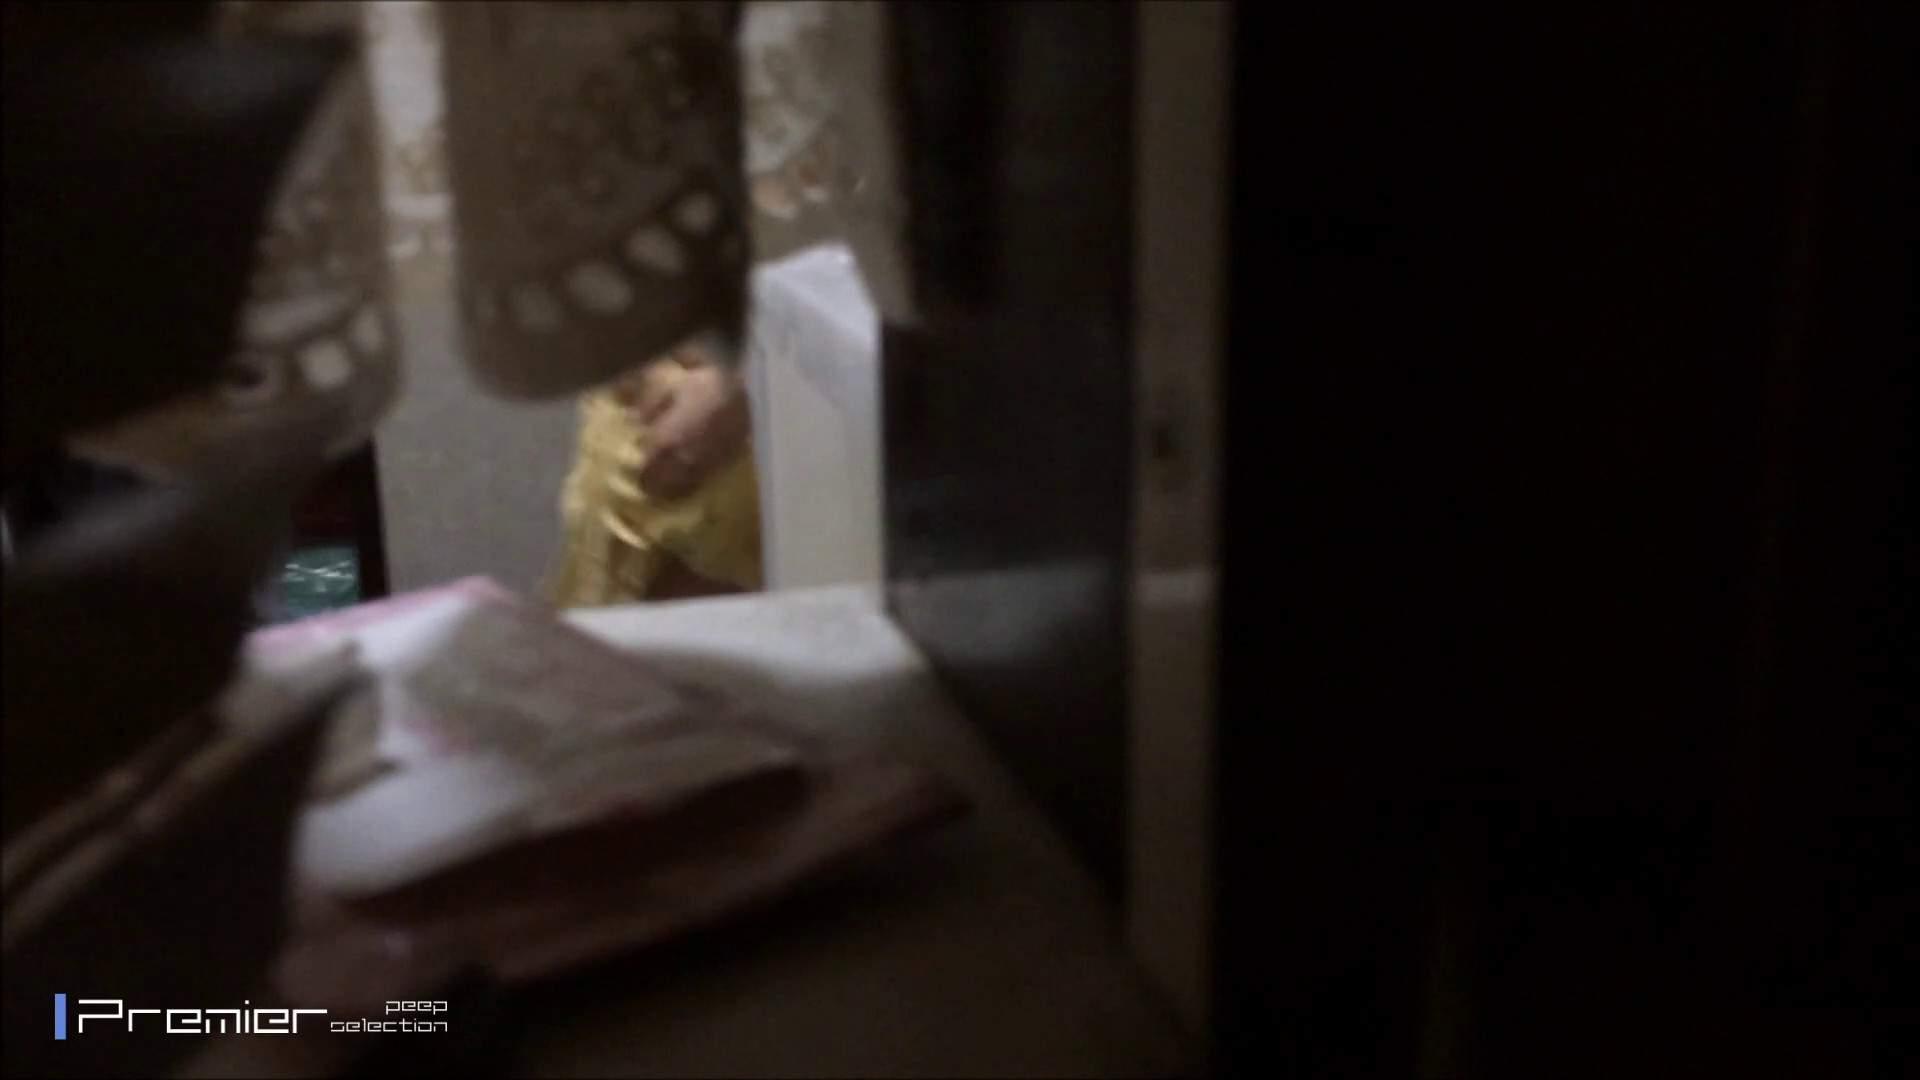 高画質フルハイビジョン スレンダー美女の入浴 乙女の風呂場 Vol.04 投稿 オメコ無修正動画無料 75画像 14